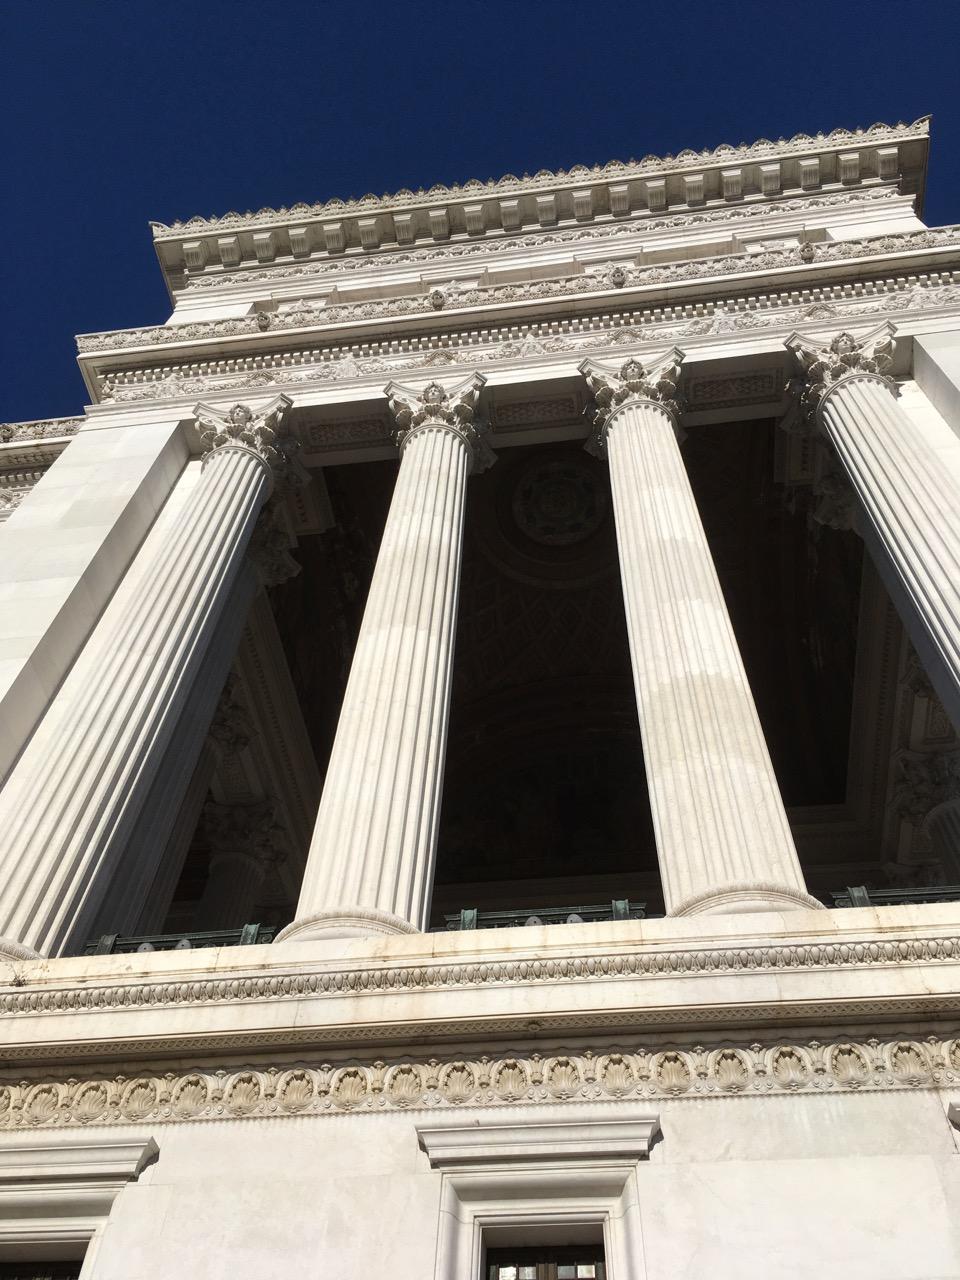 整栋建筑由白色大理石建成,非常显眼,图为白色的大理石圆柱